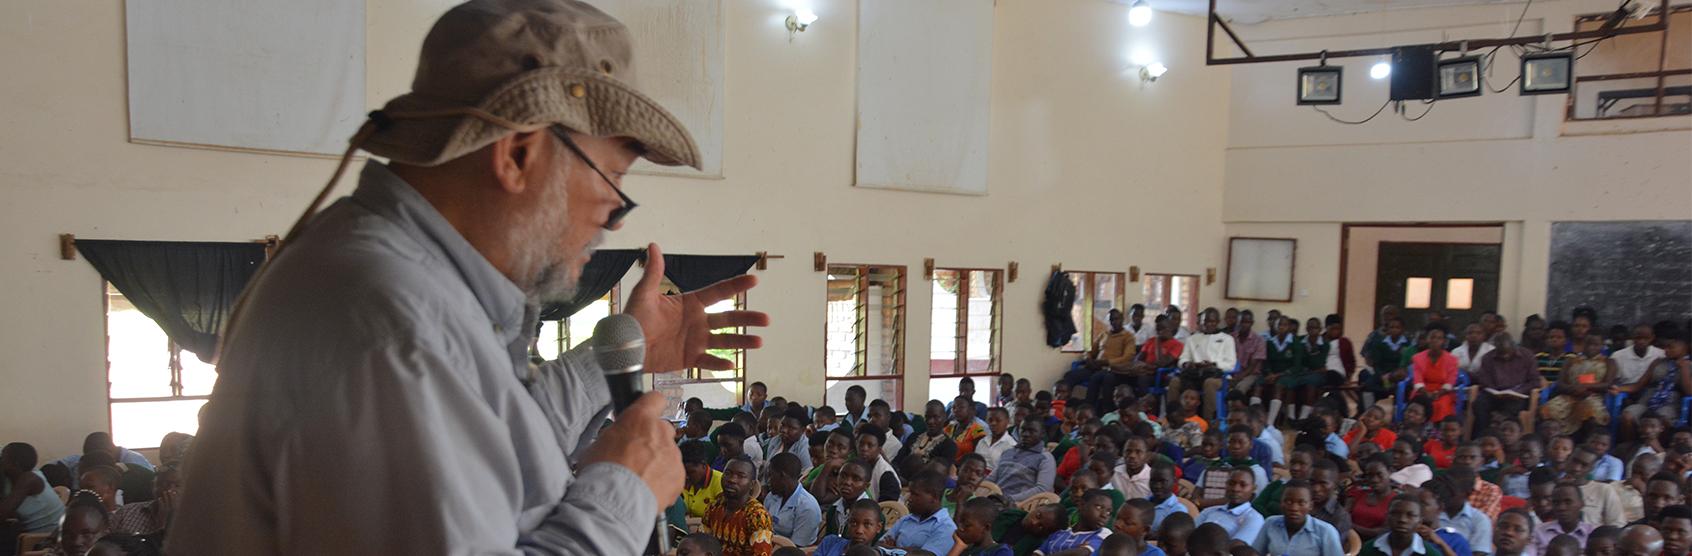 John D. Liu During a public lecture